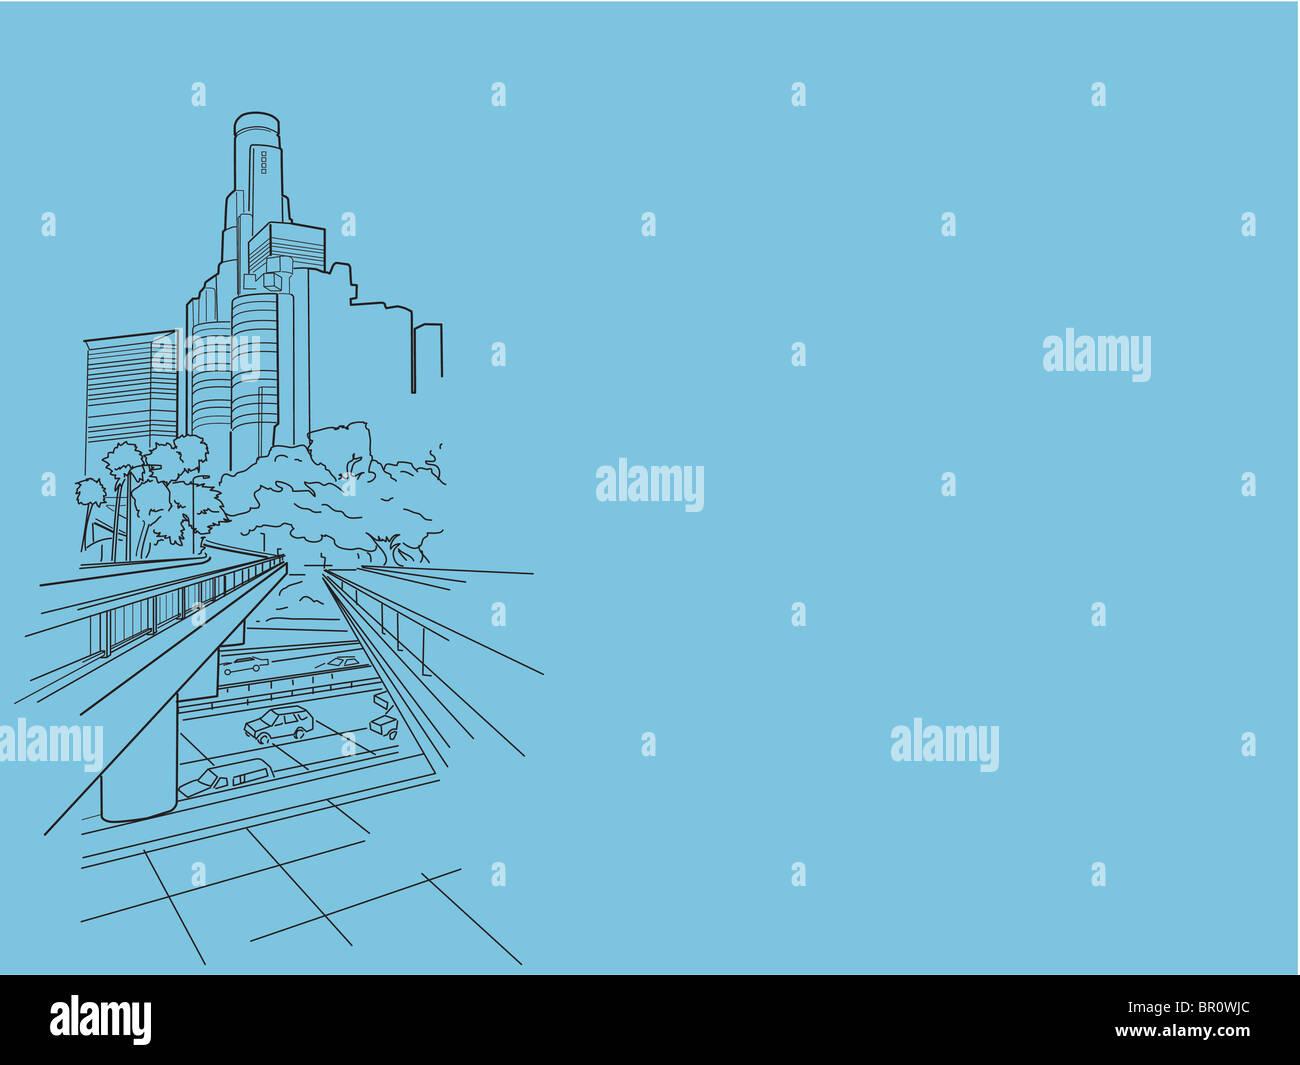 Una illustrazione di un centro occupato Immagini Stock